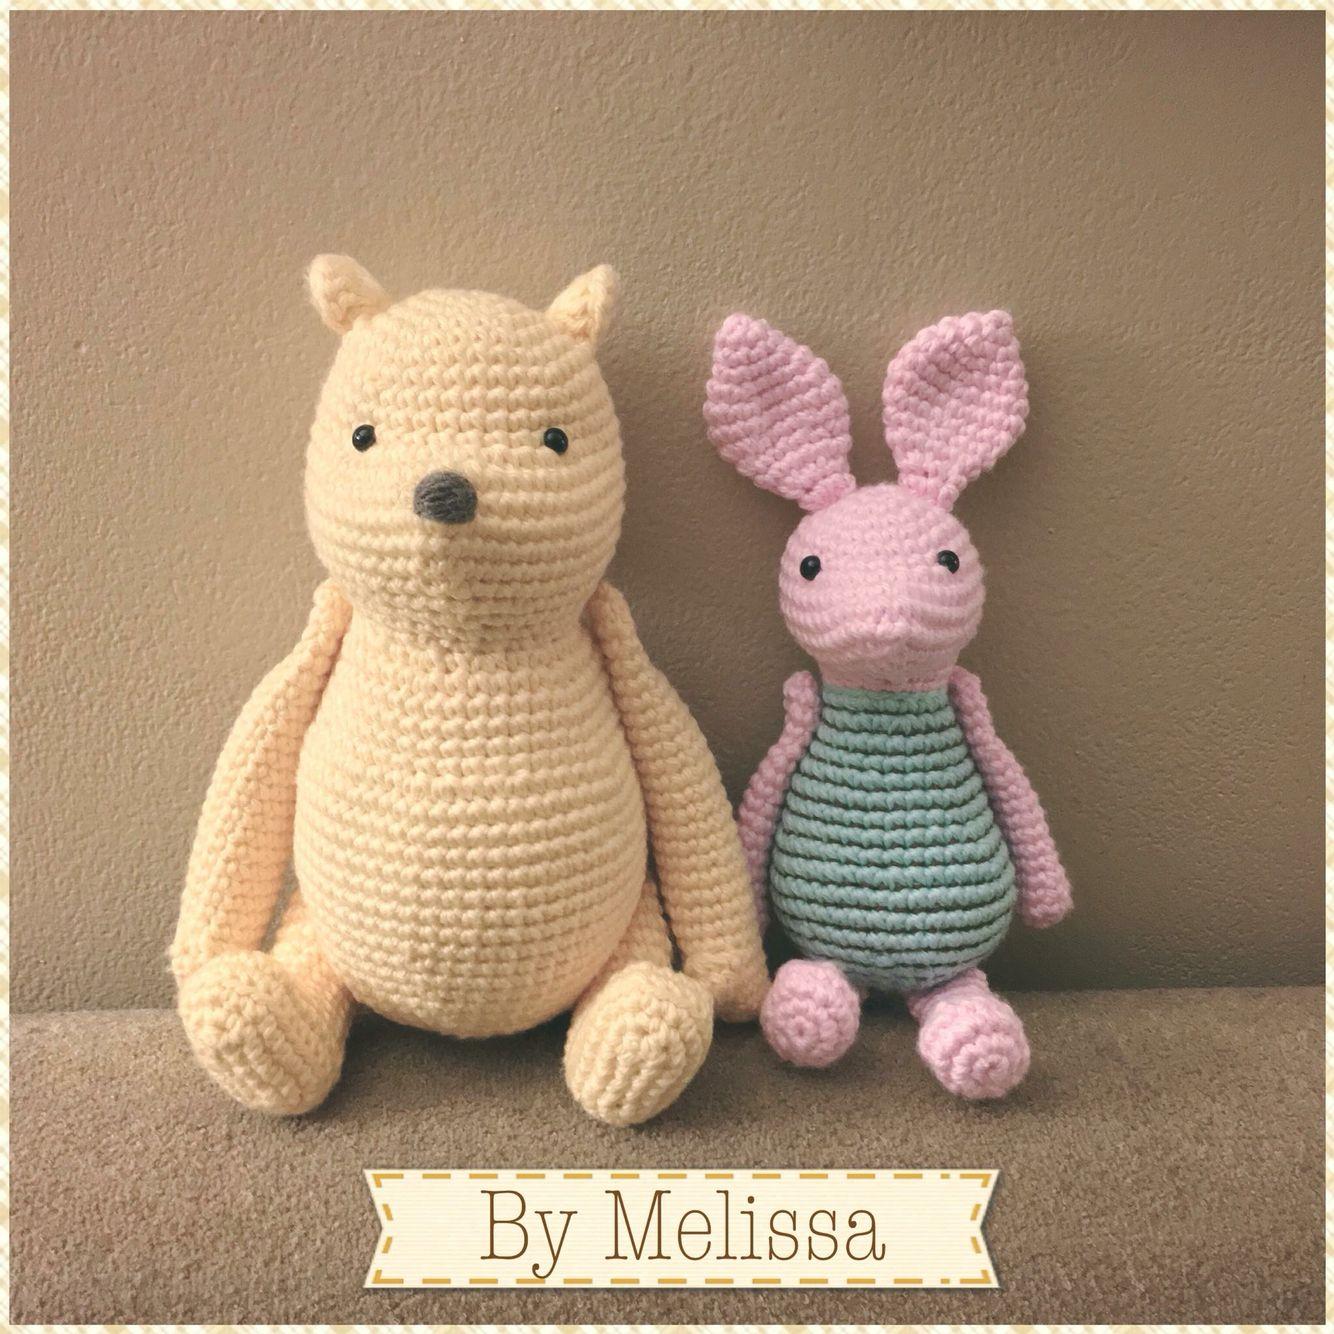 Amigurumi Winnie The Pooh Free Crochet Pattern - Amigurumi Free ... | 1334x1334